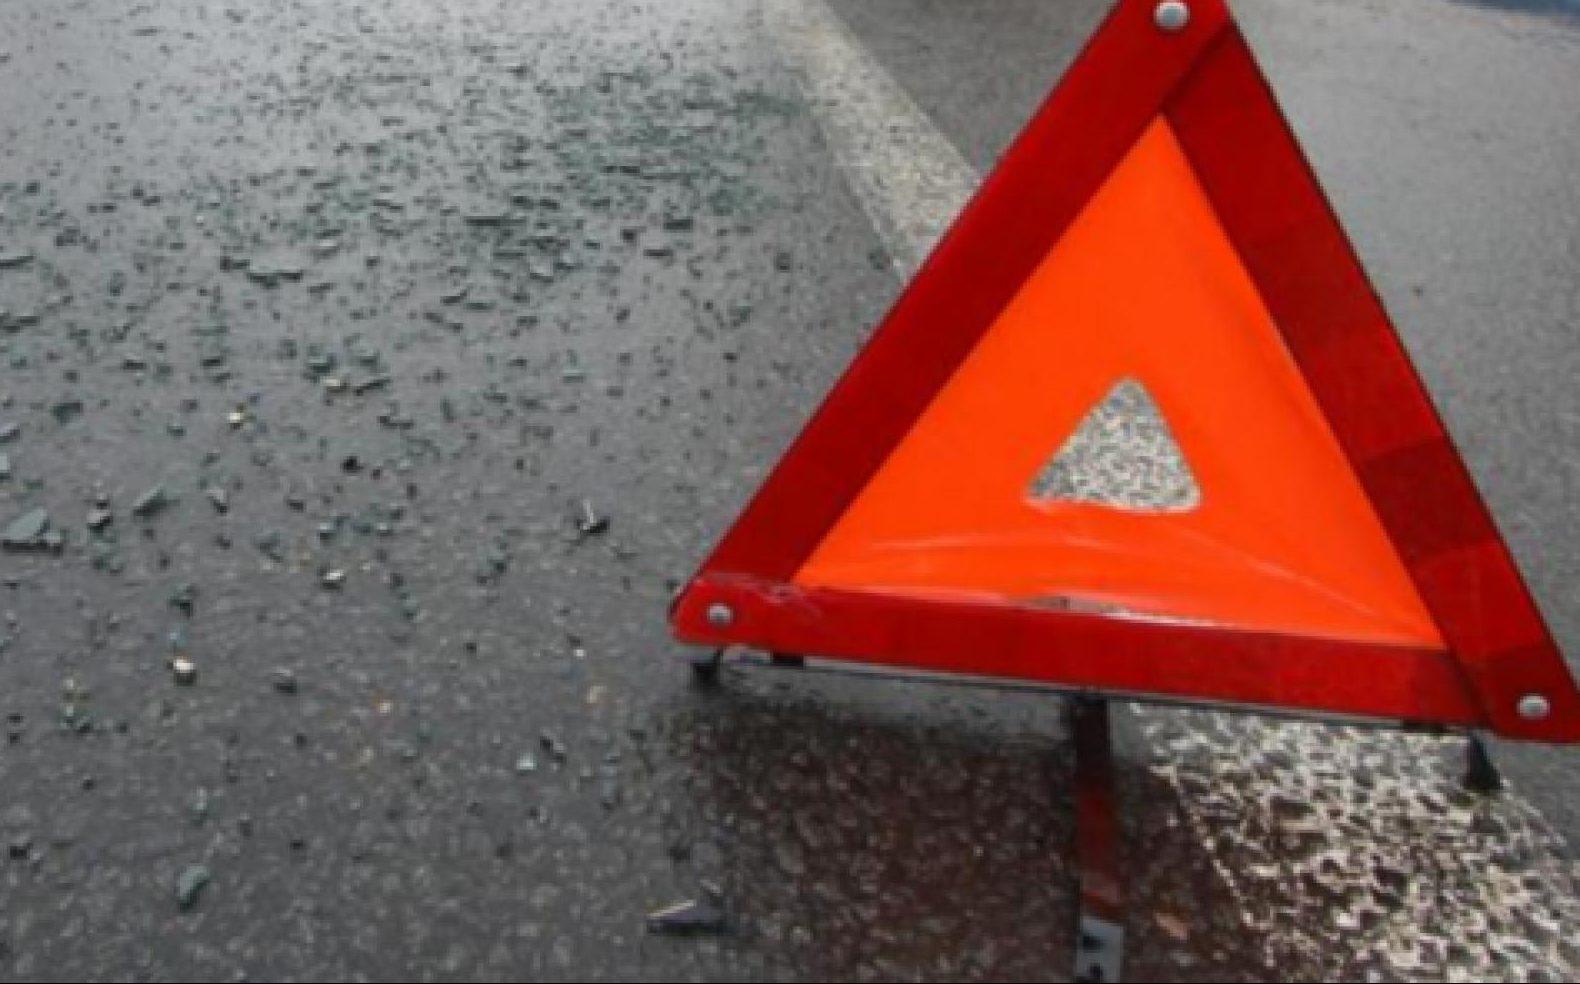 В Запорожье в результате столкновения маршрутки и трамвая пострадали пассажиры и водитель – Индустриалка